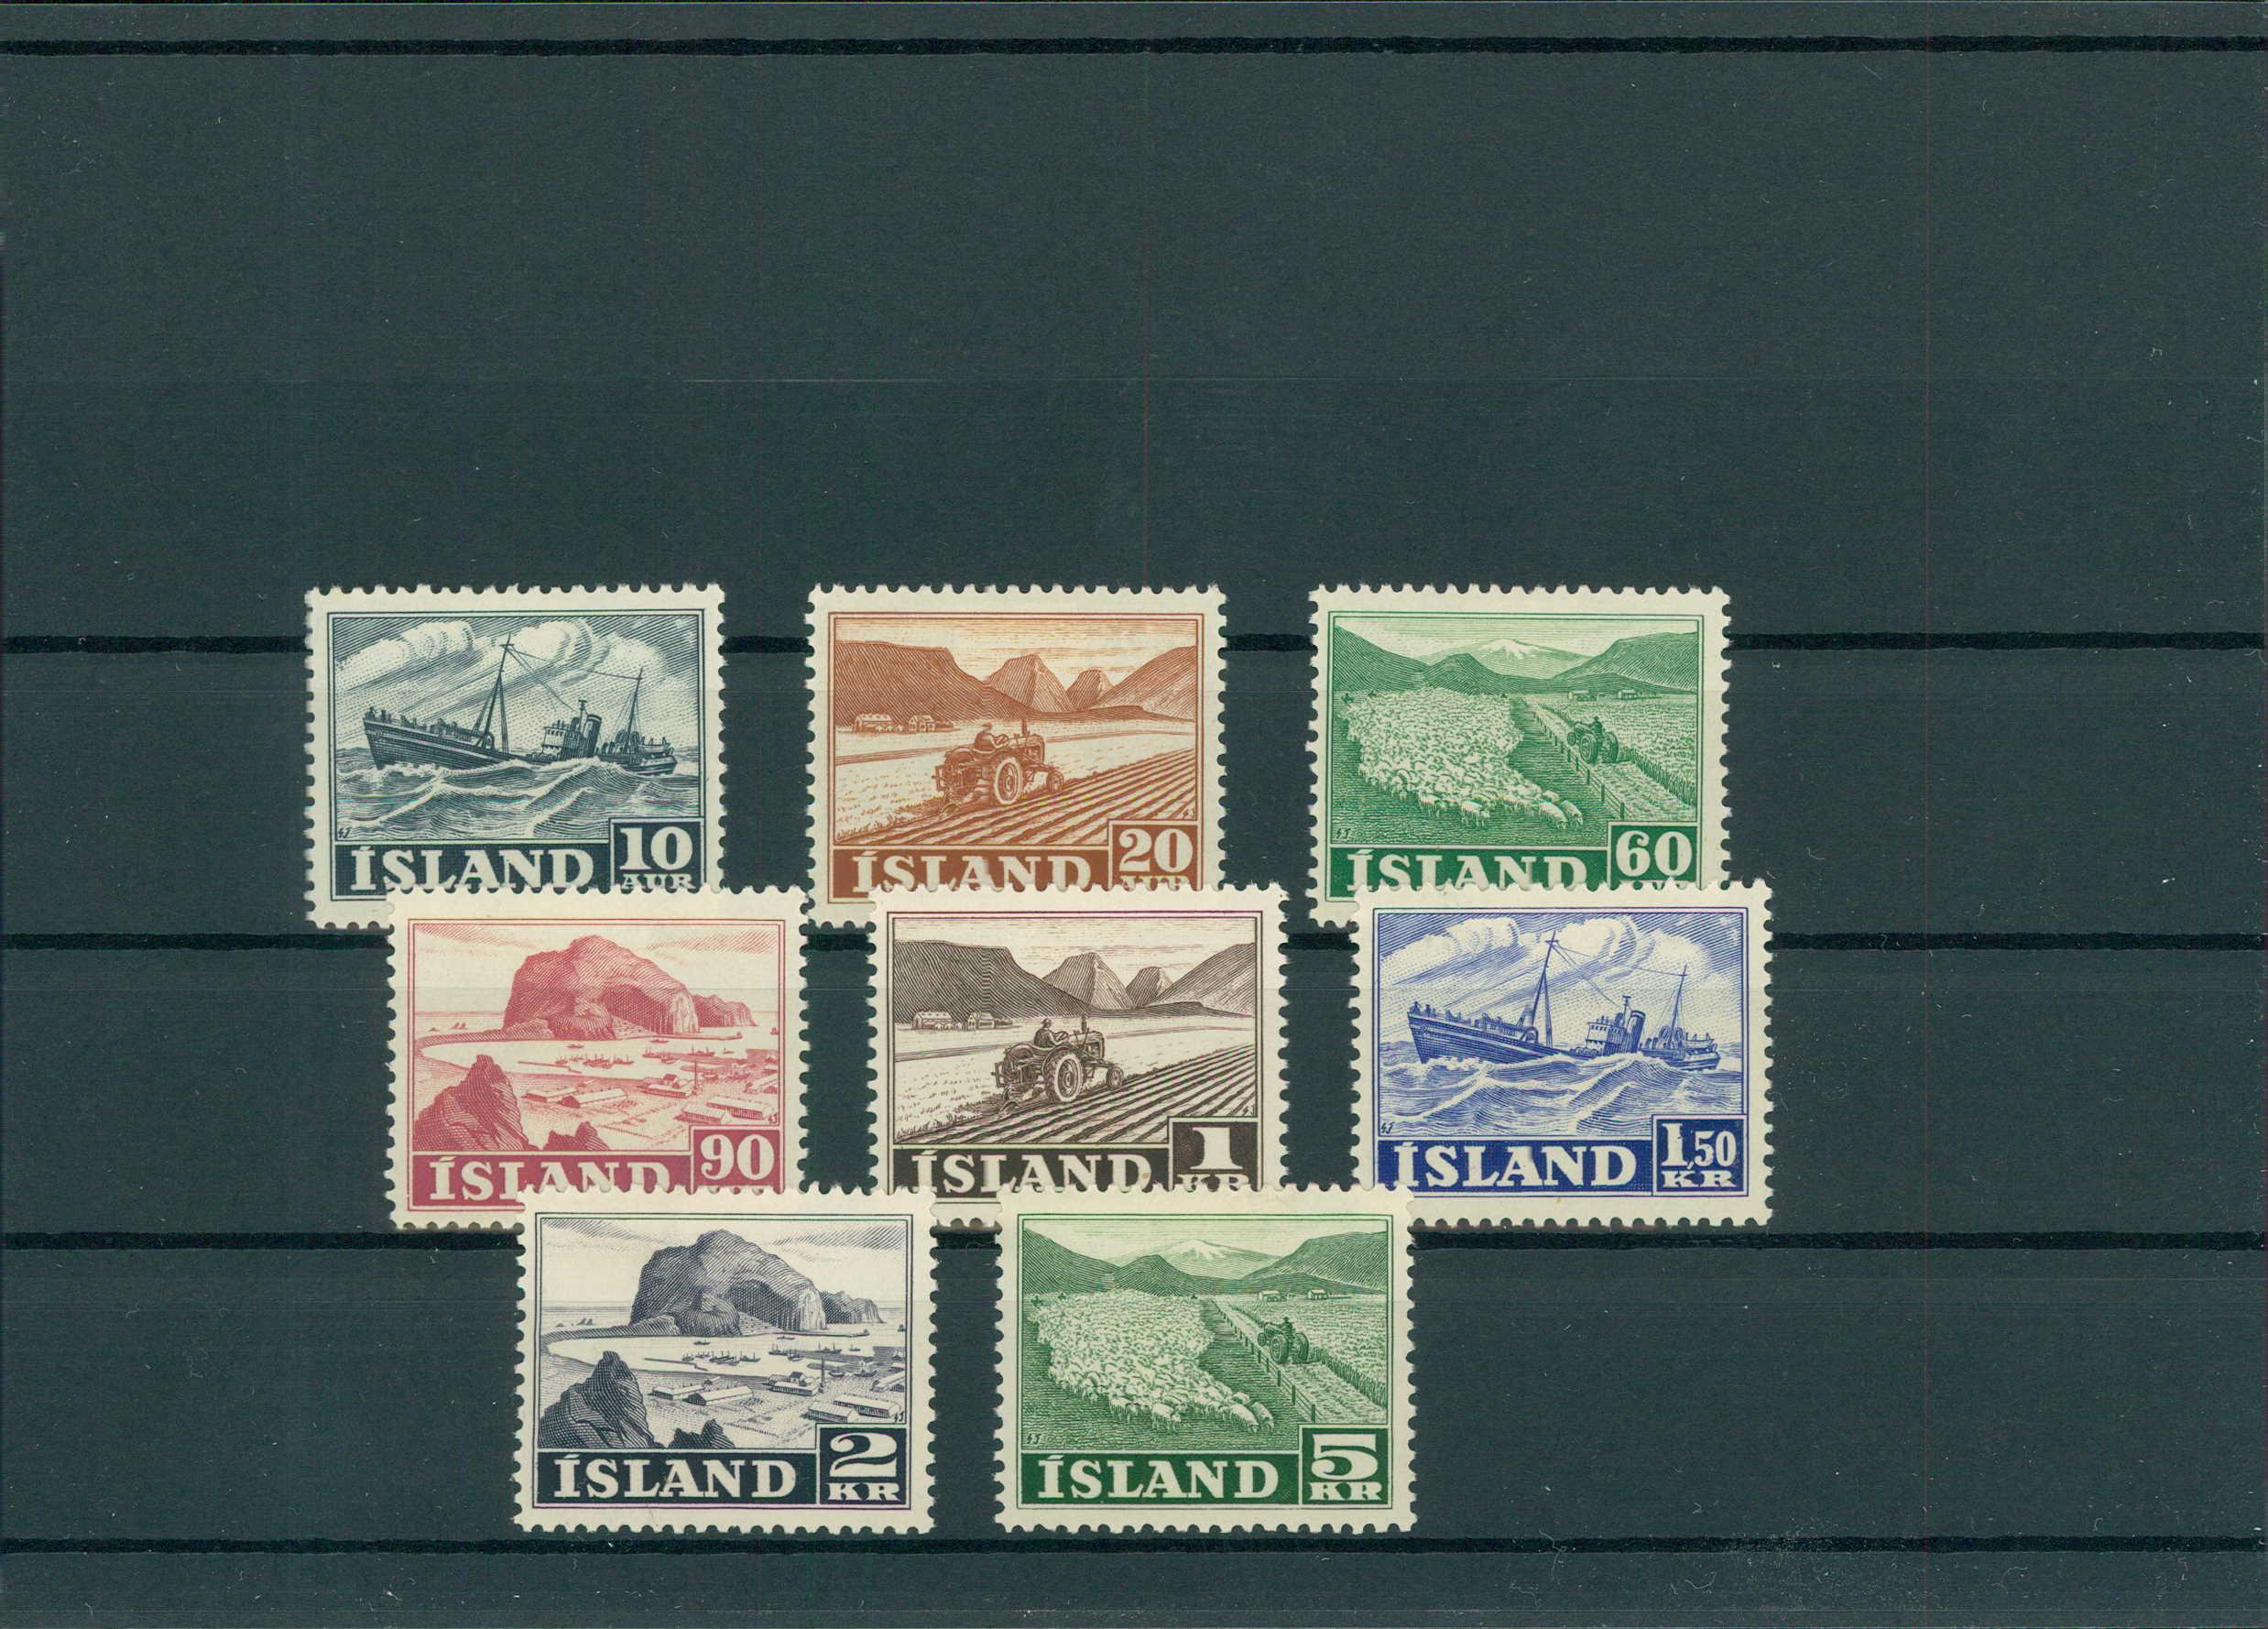 europa:5296 Europa Zypern Streng Zypern Michelnummer 511 Postfrisch